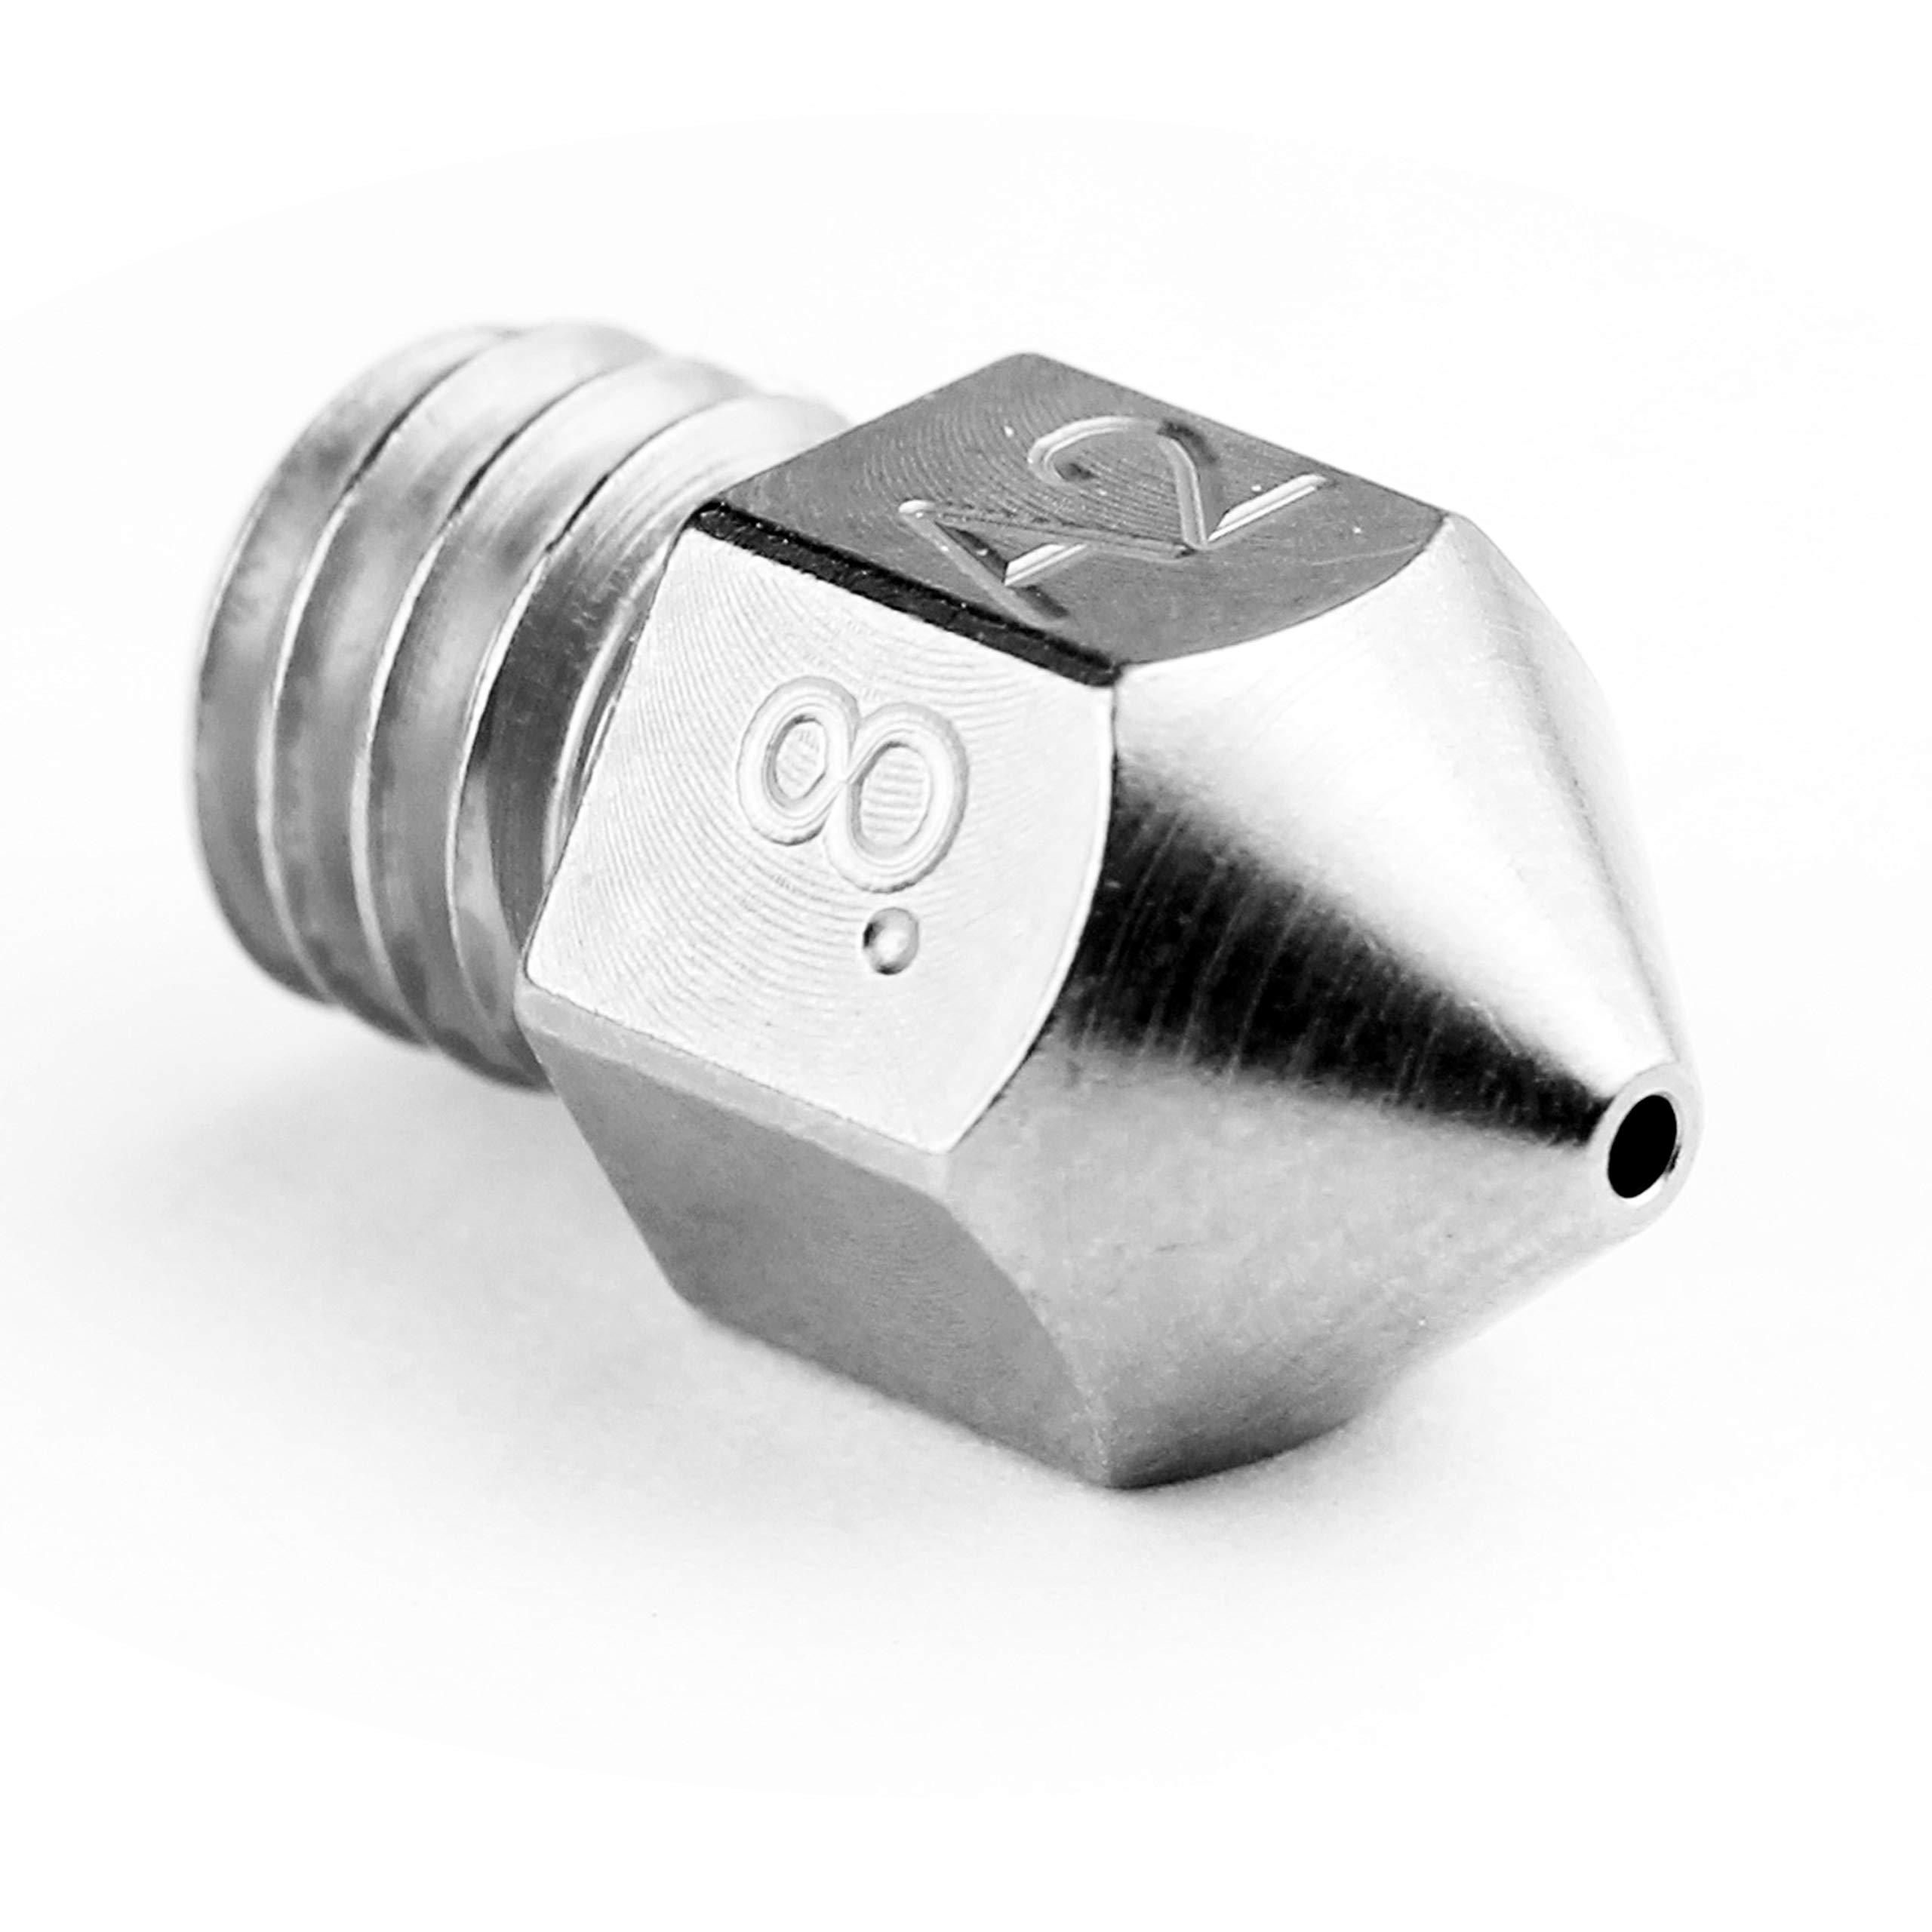 Micro Swiss MK8 Chapado A2 Herramienta de acero 0.8